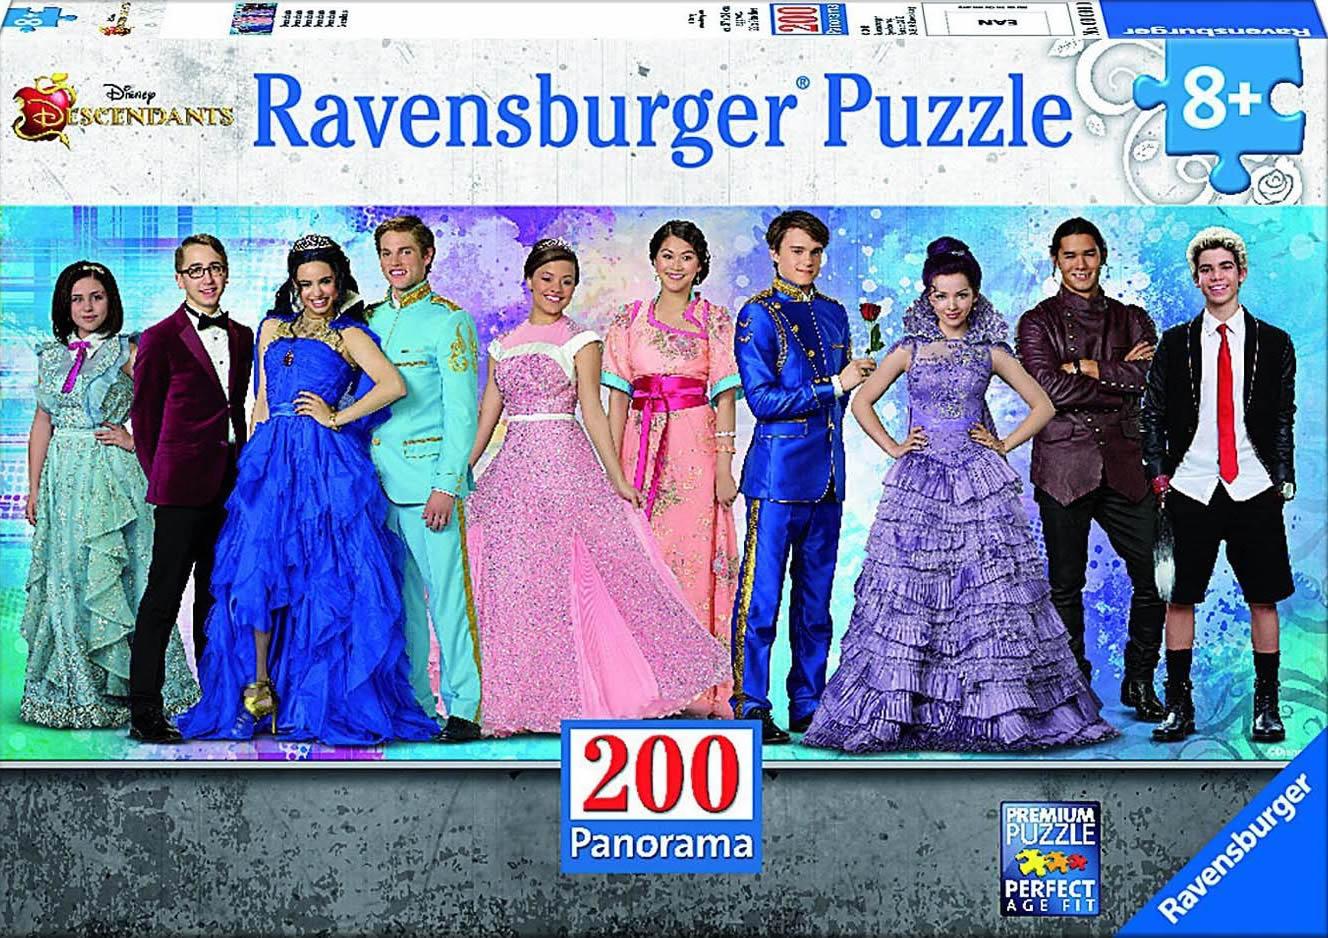 Puzzle Ravensburger Los Descendientes Panorama de 200 Piezas